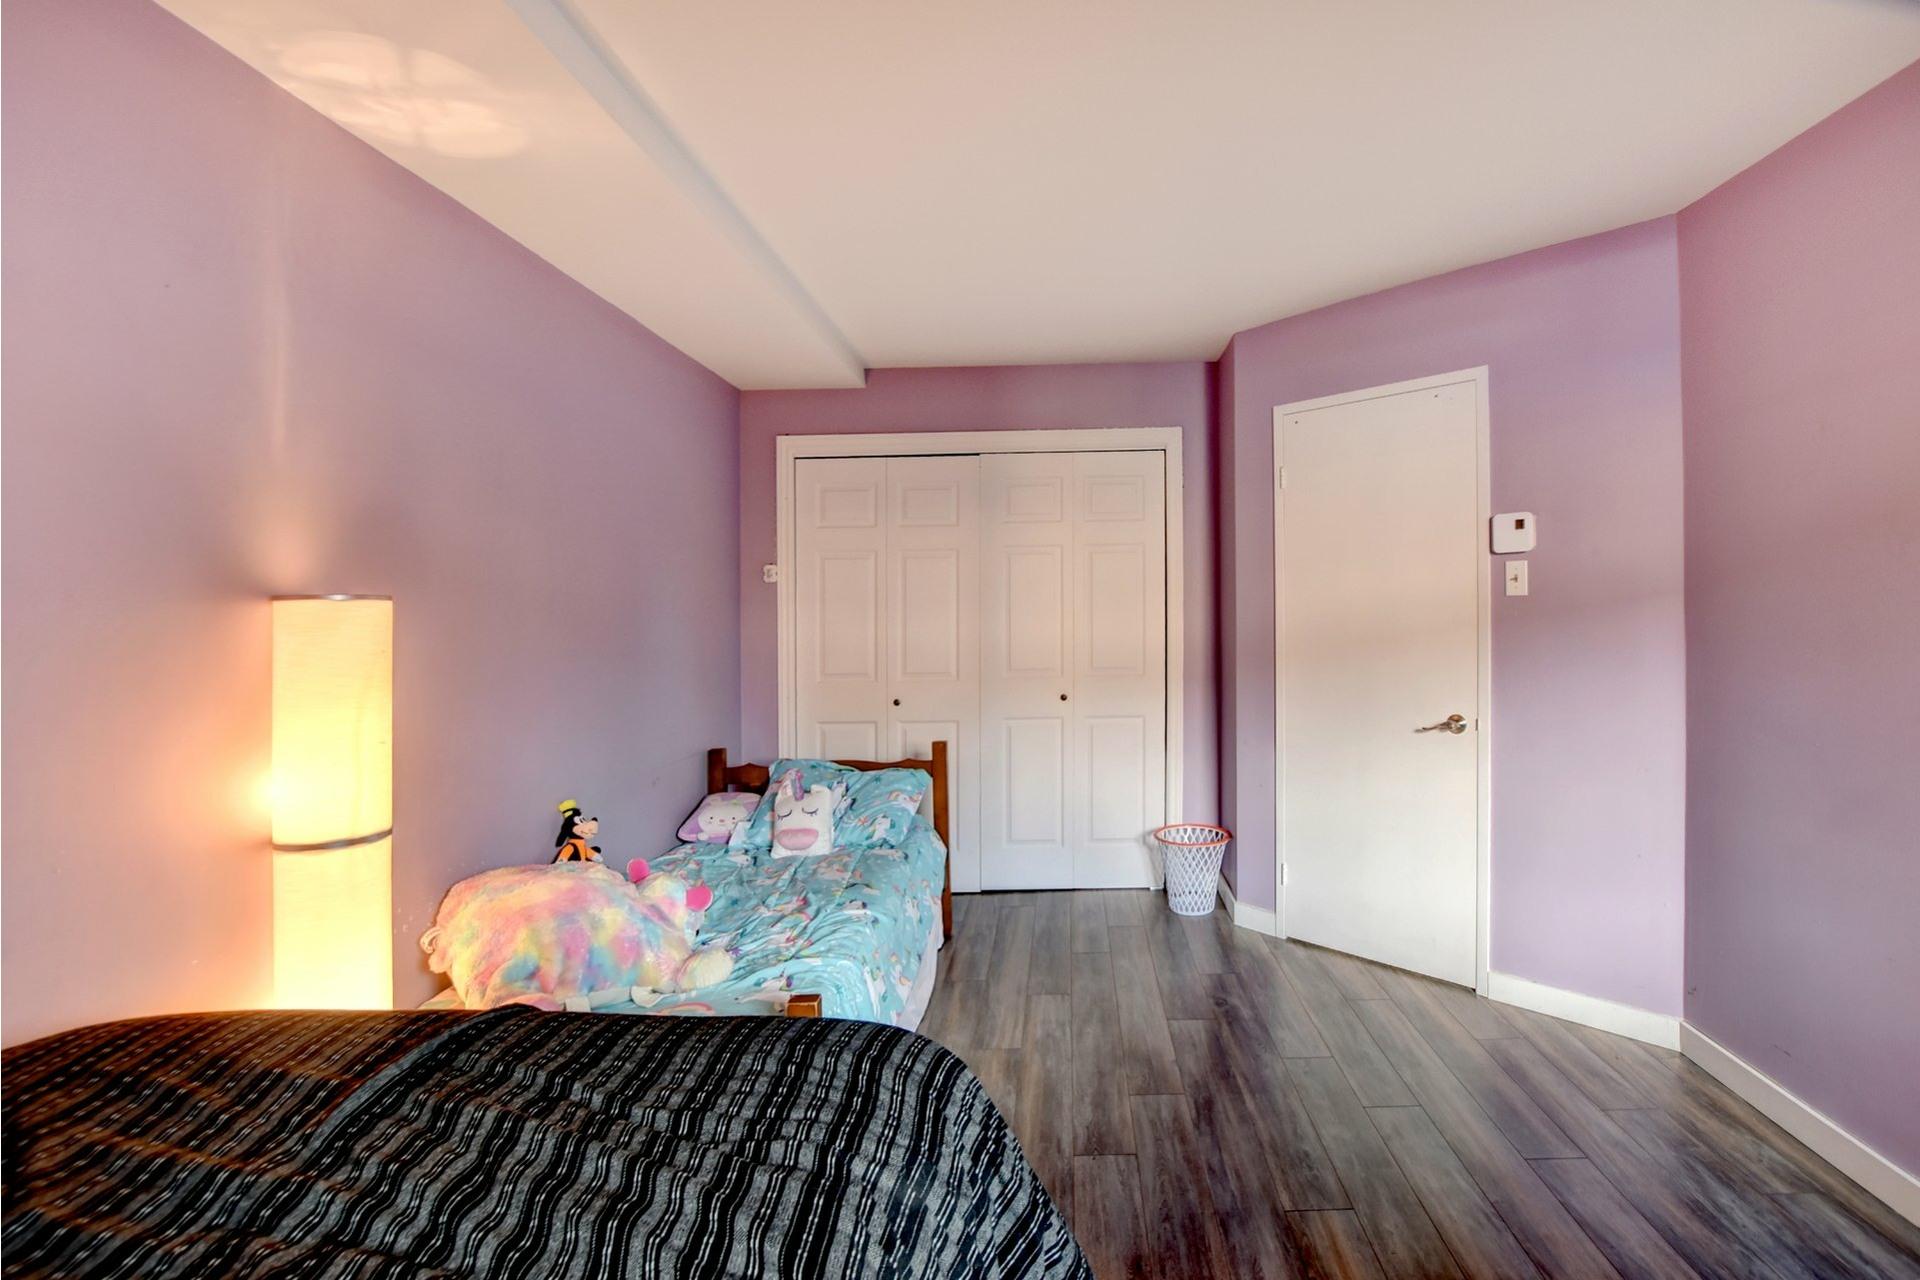 image 11 - Appartement À vendre Rivière-des-Prairies/Pointe-aux-Trembles Montréal  - 6 pièces